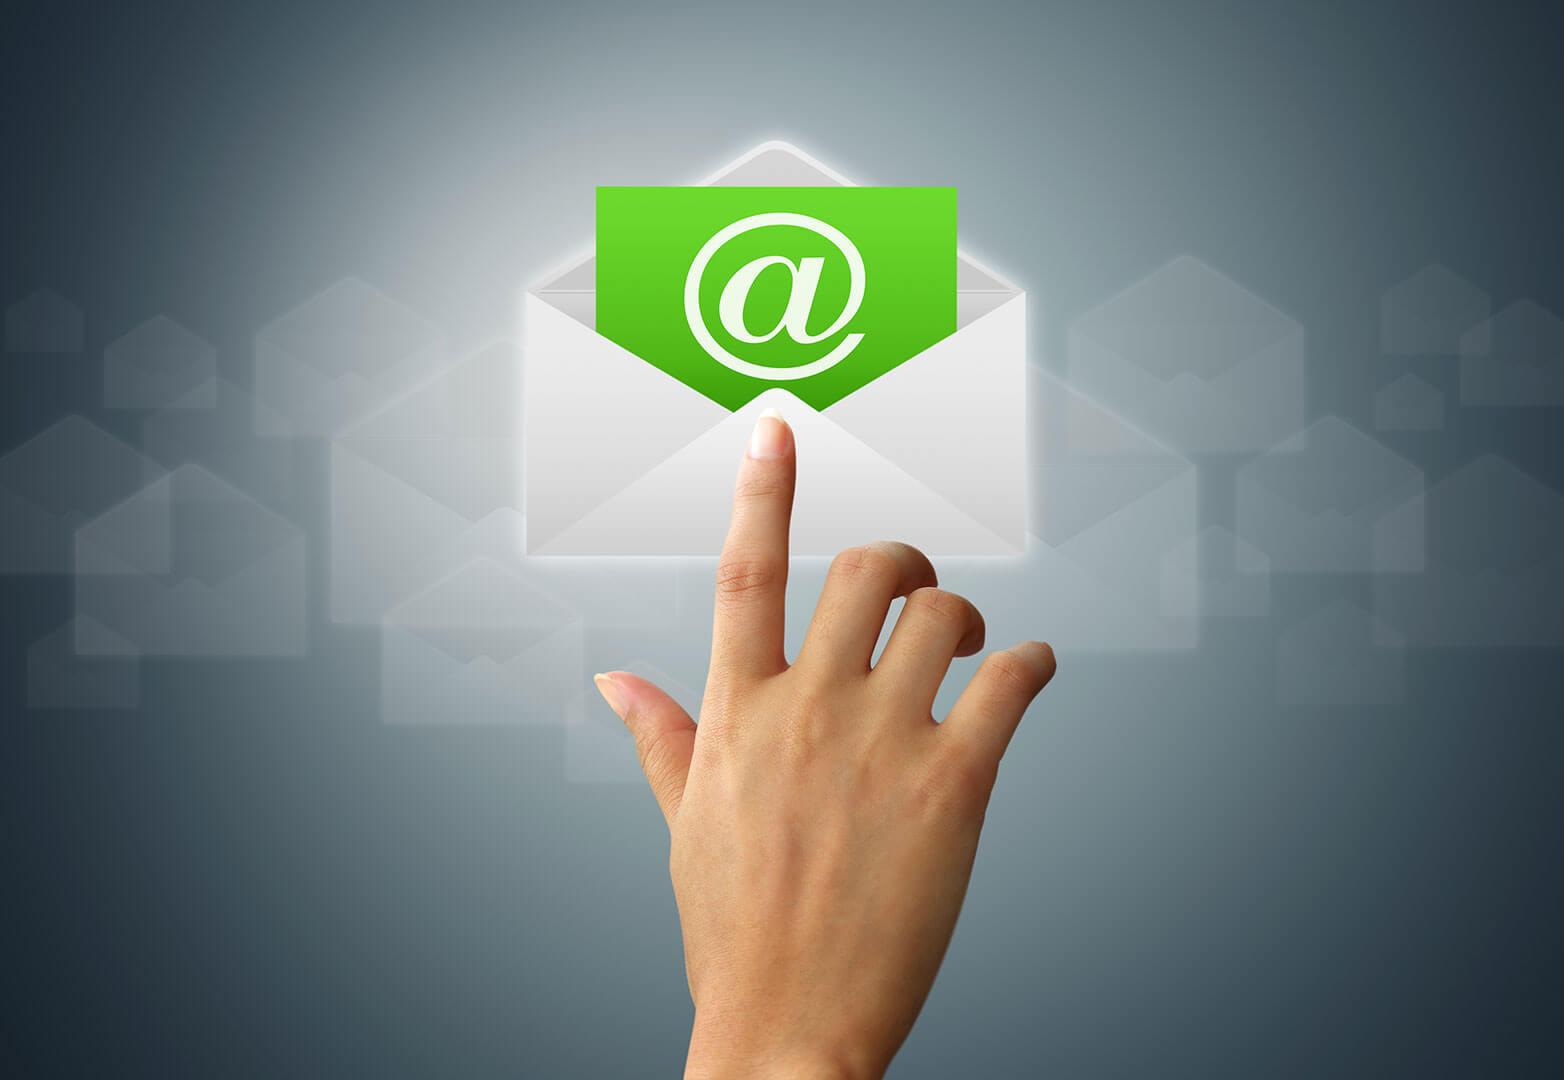 hiểu rõ thuật ngữ email cơ bản để thành công trong marketing